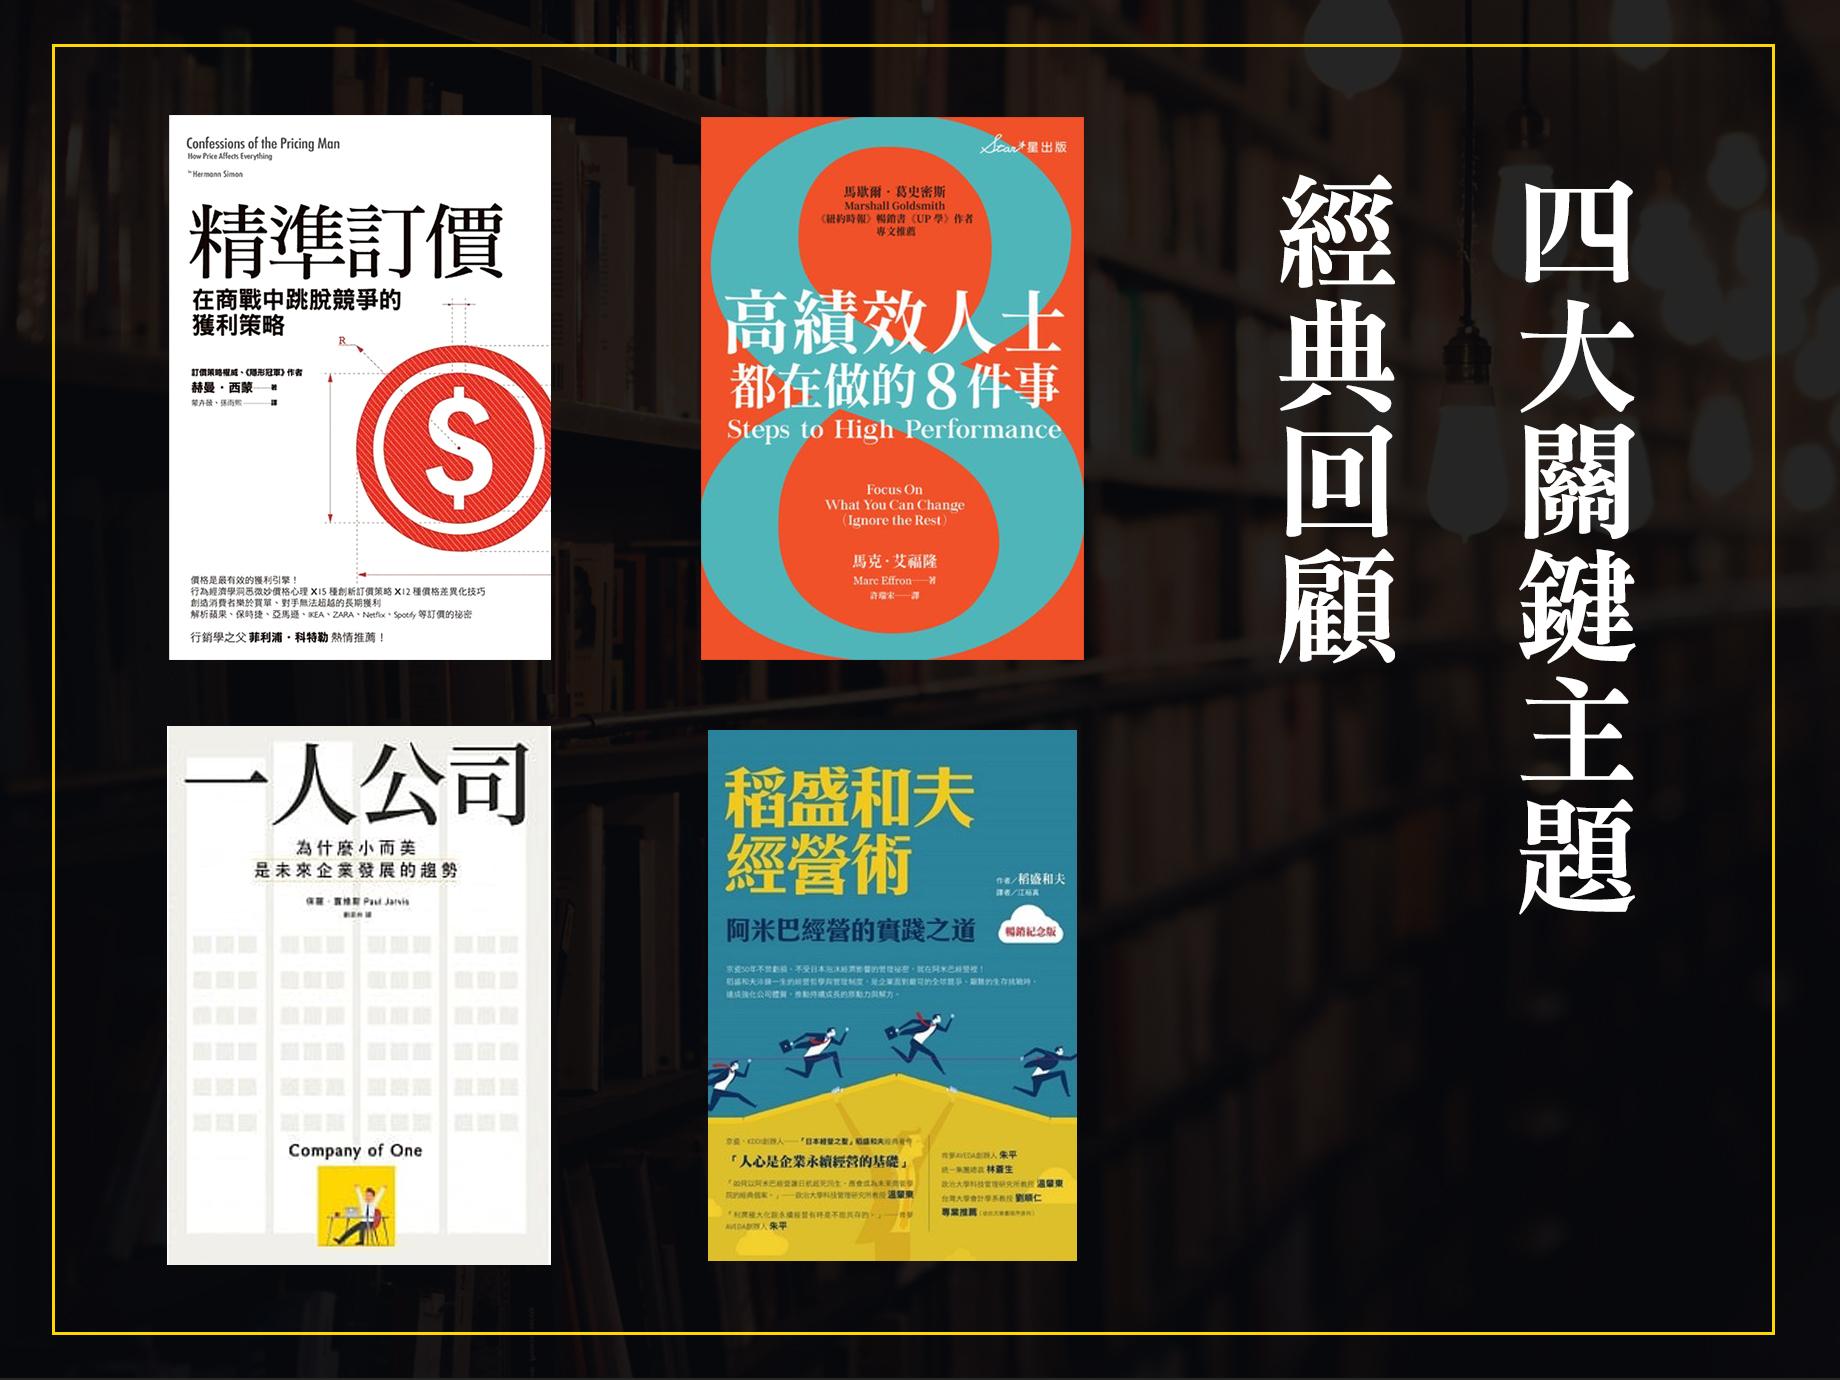 成長、運營、行銷、創業4大關鍵主題,大大讀書經典回顧你不可不讀